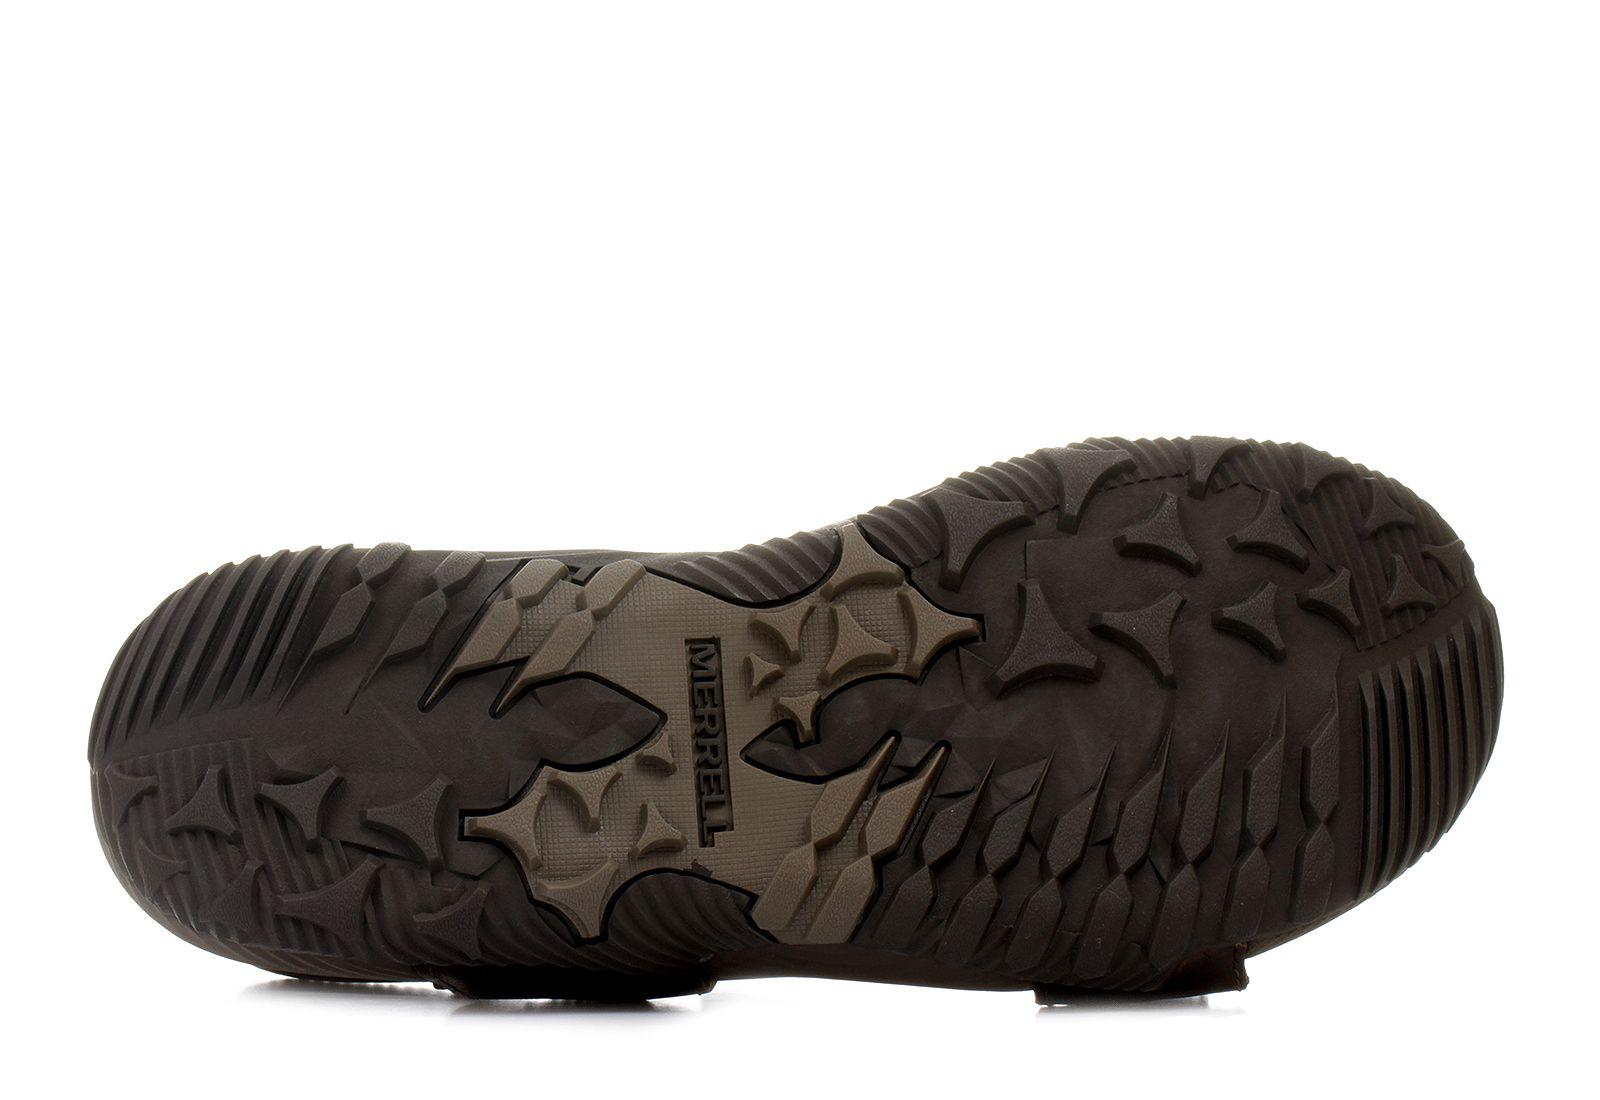 Merrell Szandál Terrant Strap J91517 brn Office Shoes